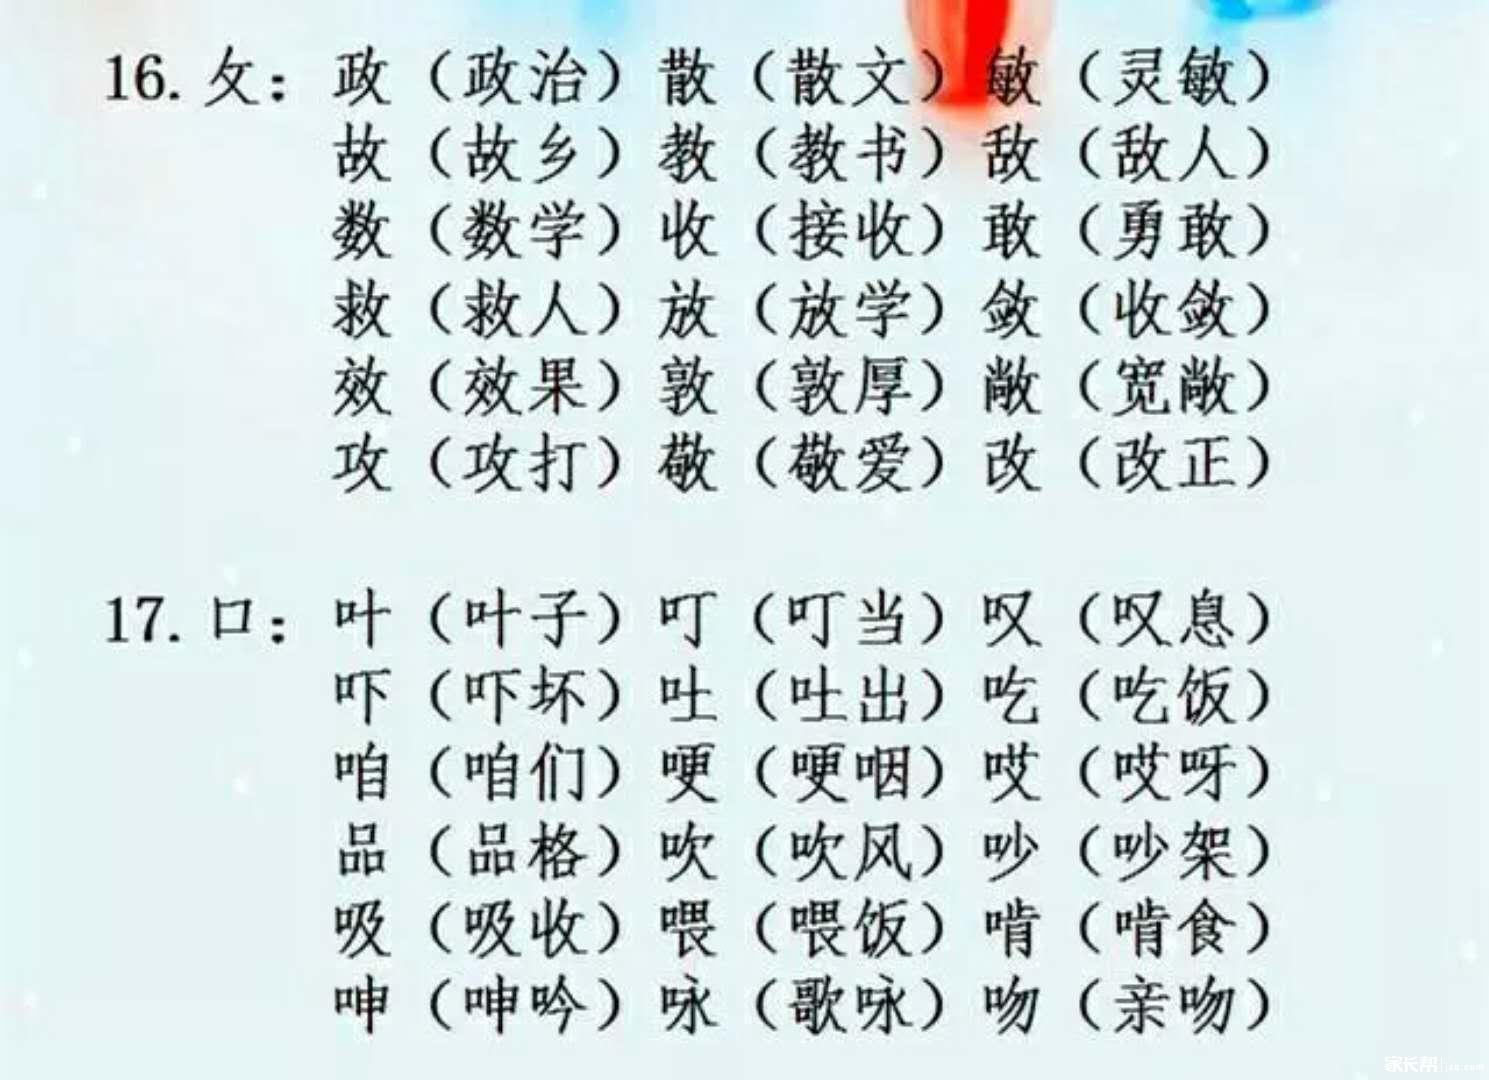 小学三年级语文下册辨字组词总复习